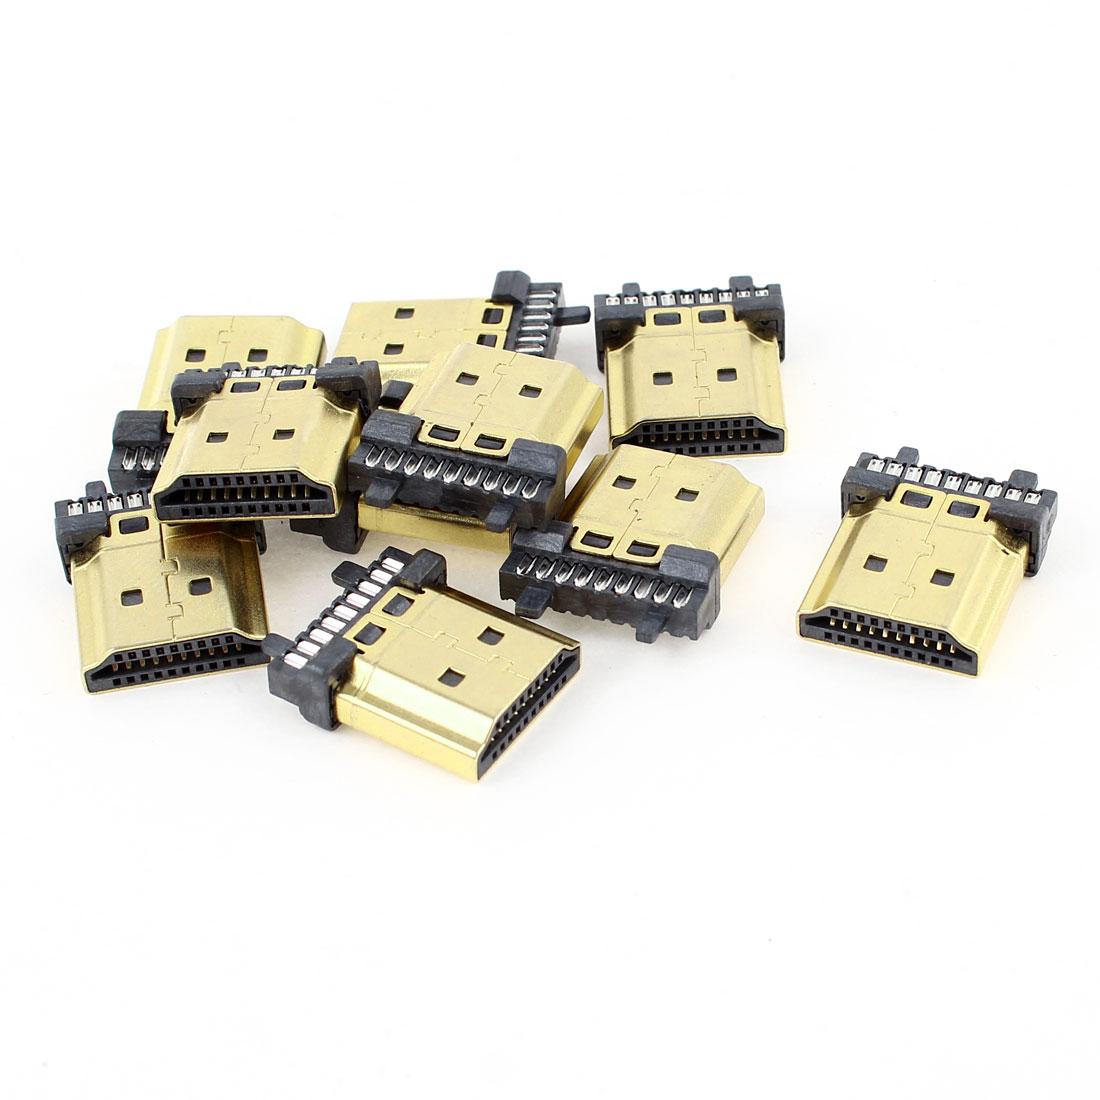 10pcs Gold Tone HDMI Male Plug 19-Pin Connectors Jack